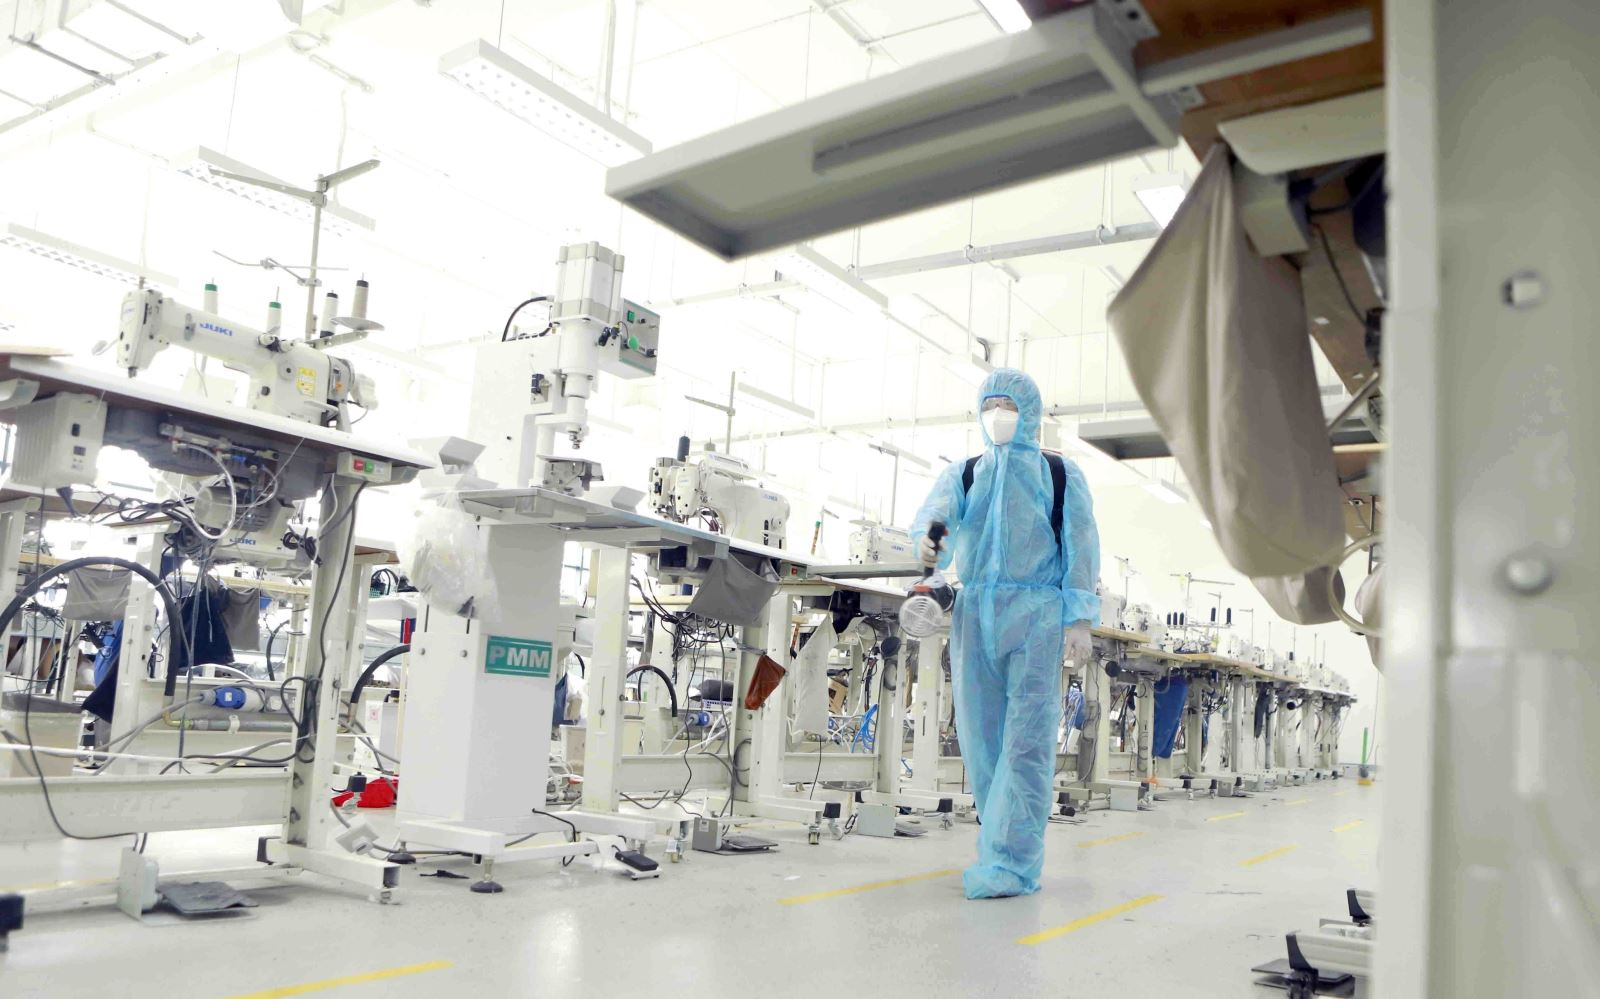 Tin Kinh tế: Thu hút các doanh nghiệp FDI thích ứng an toàn linh hoạt với COVID-19